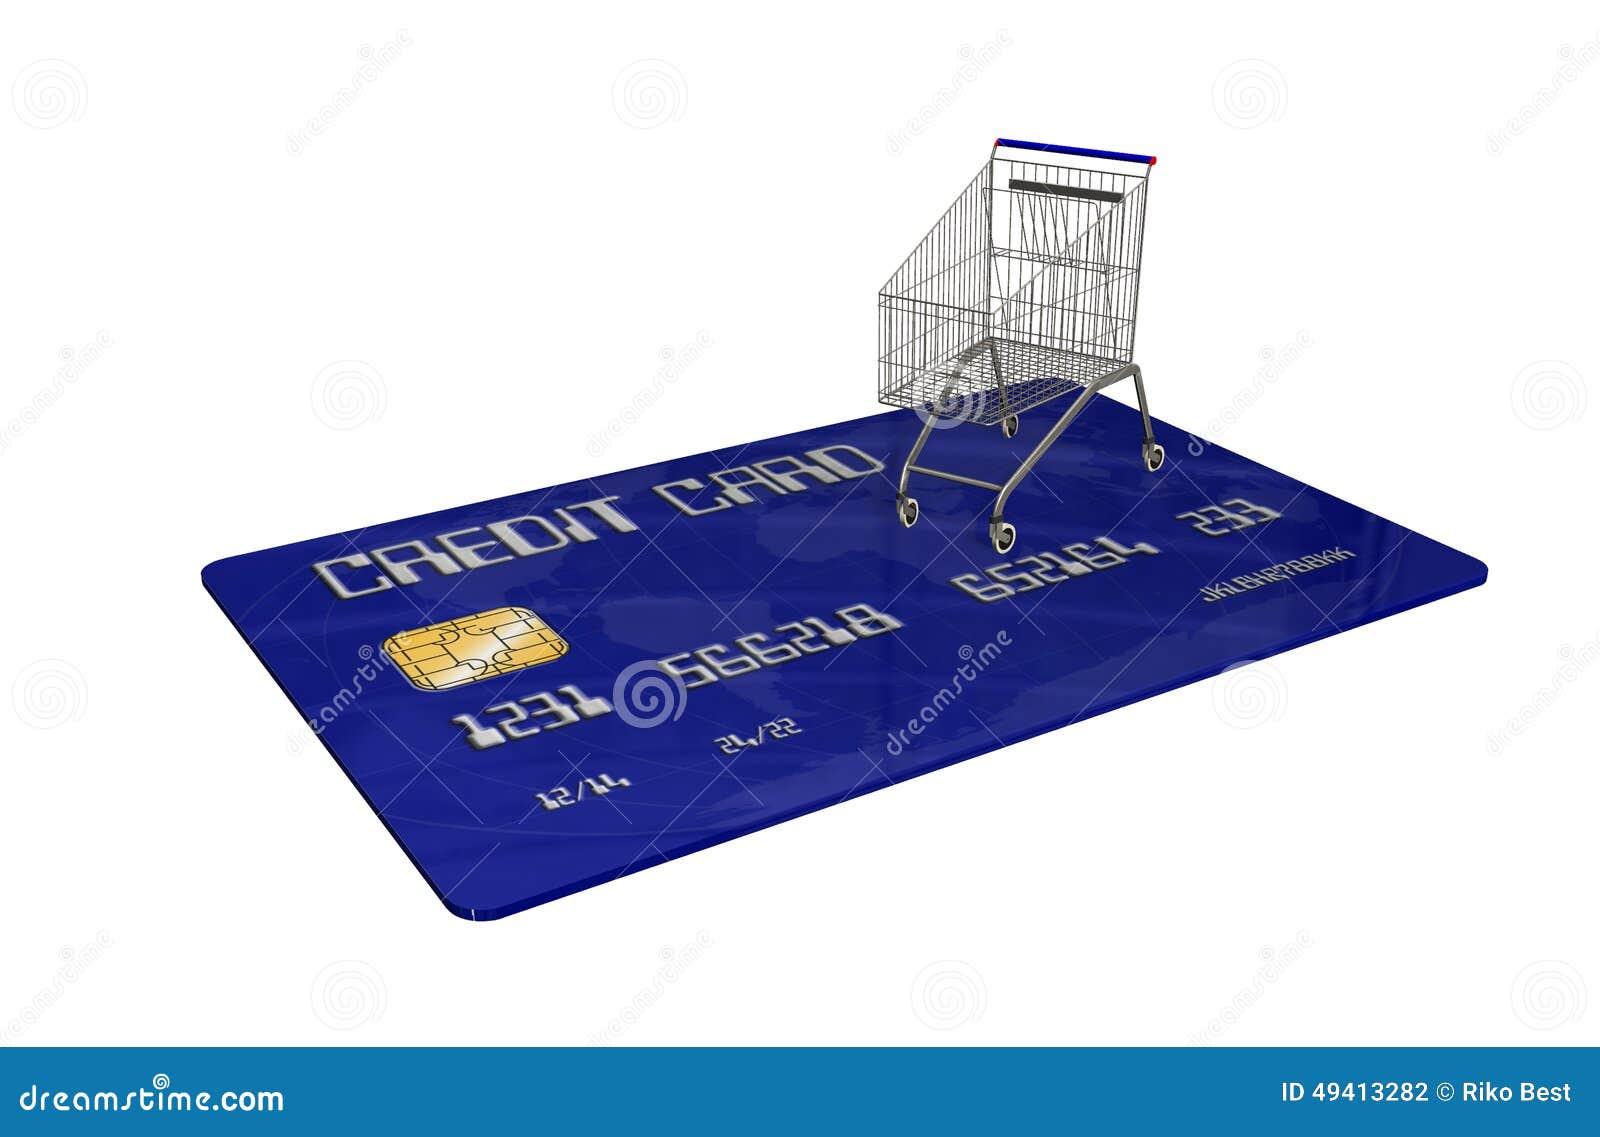 Download Kreditkarte Mit Einem Warenkorb Auf Weißem Hintergrund Stock Abbildung - Illustration von finanziell, einzelverkauf: 49413282